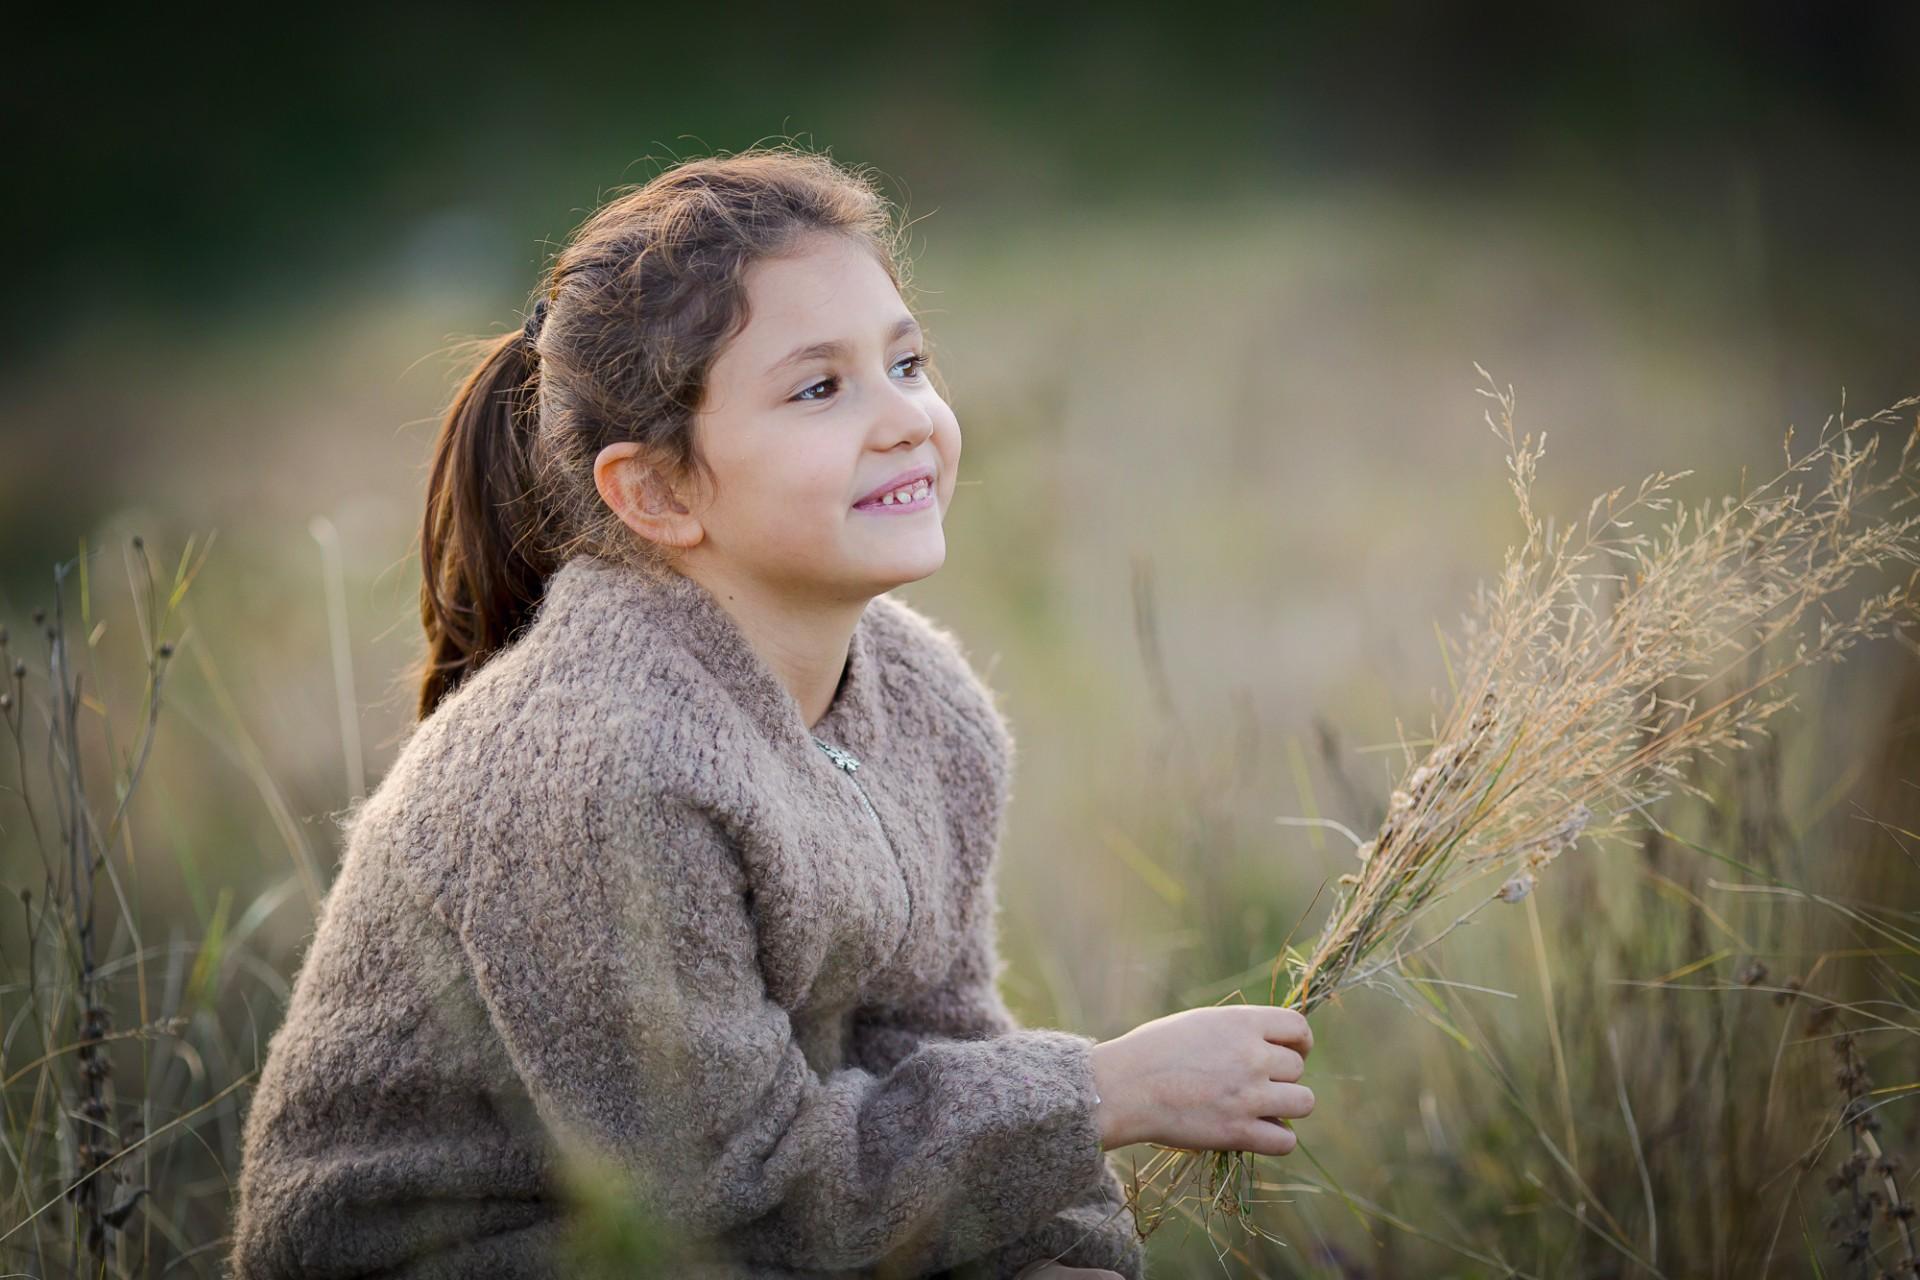 #детска фотография (42)